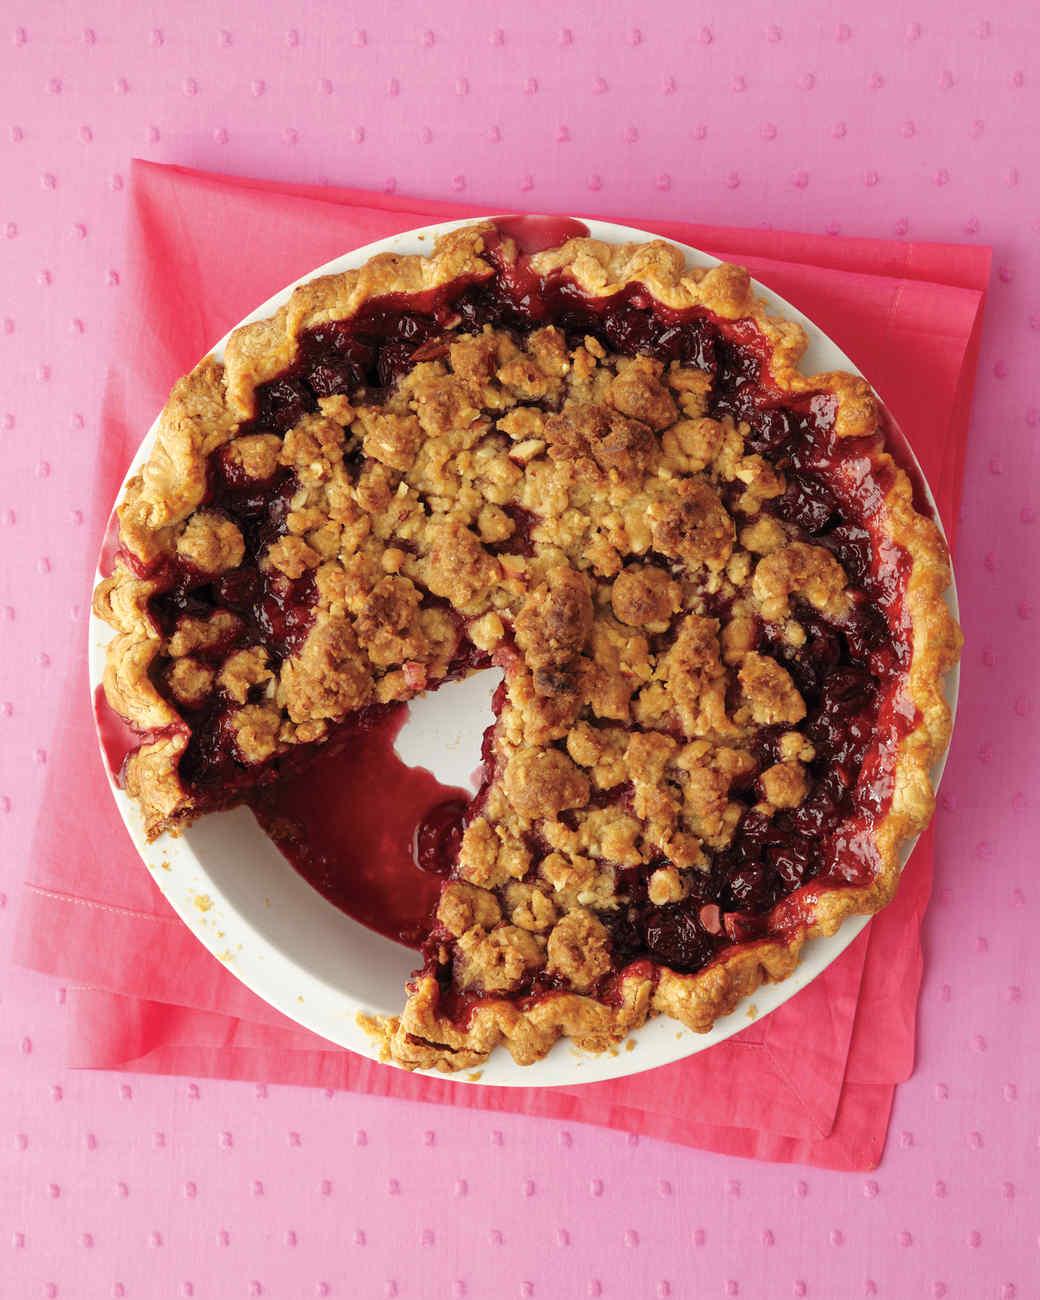 cherry-pie-med108462.jpg